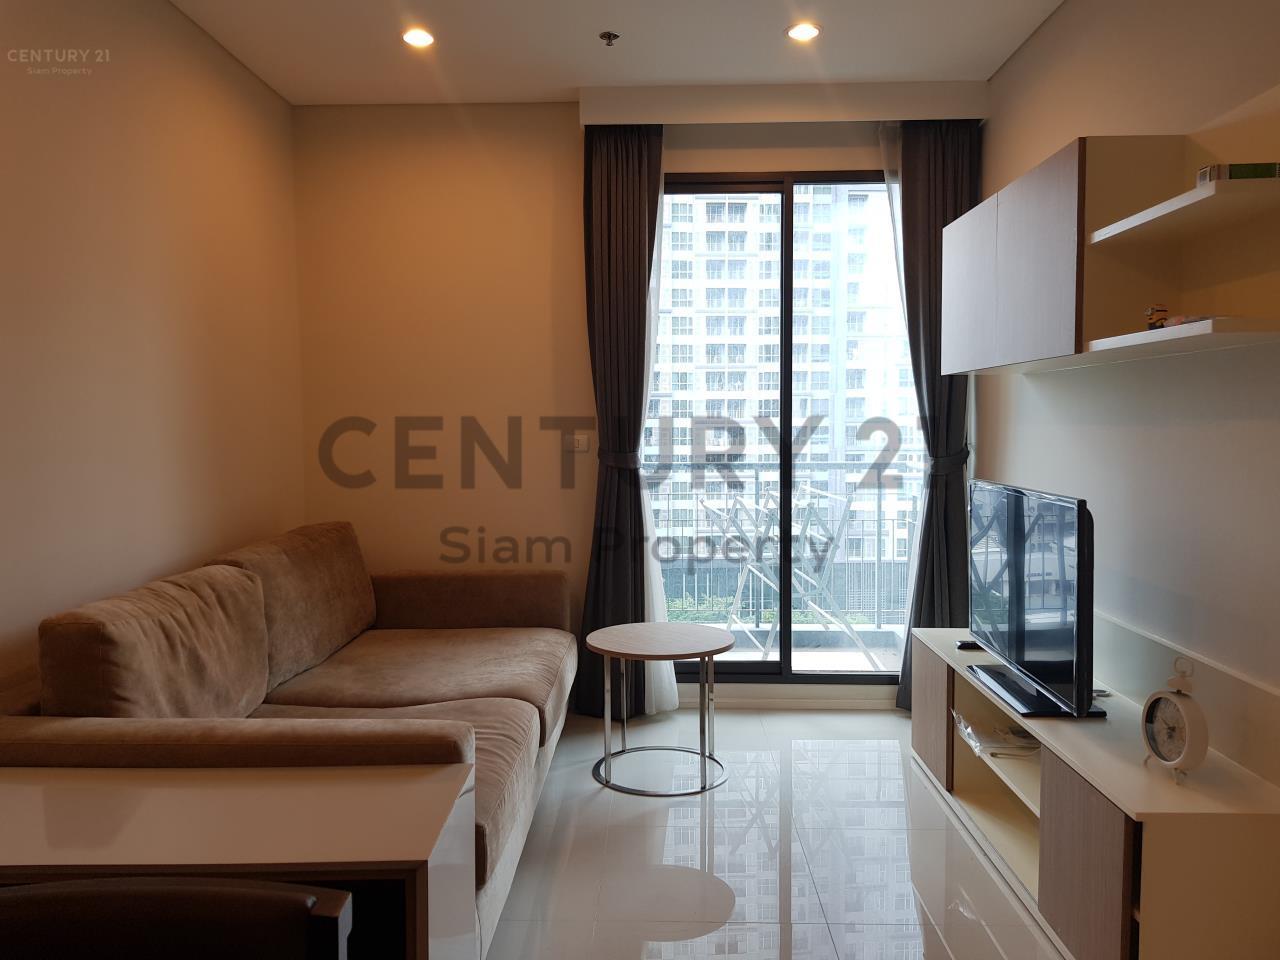 Century21 Siam Property Agency's Villa Asoke 8